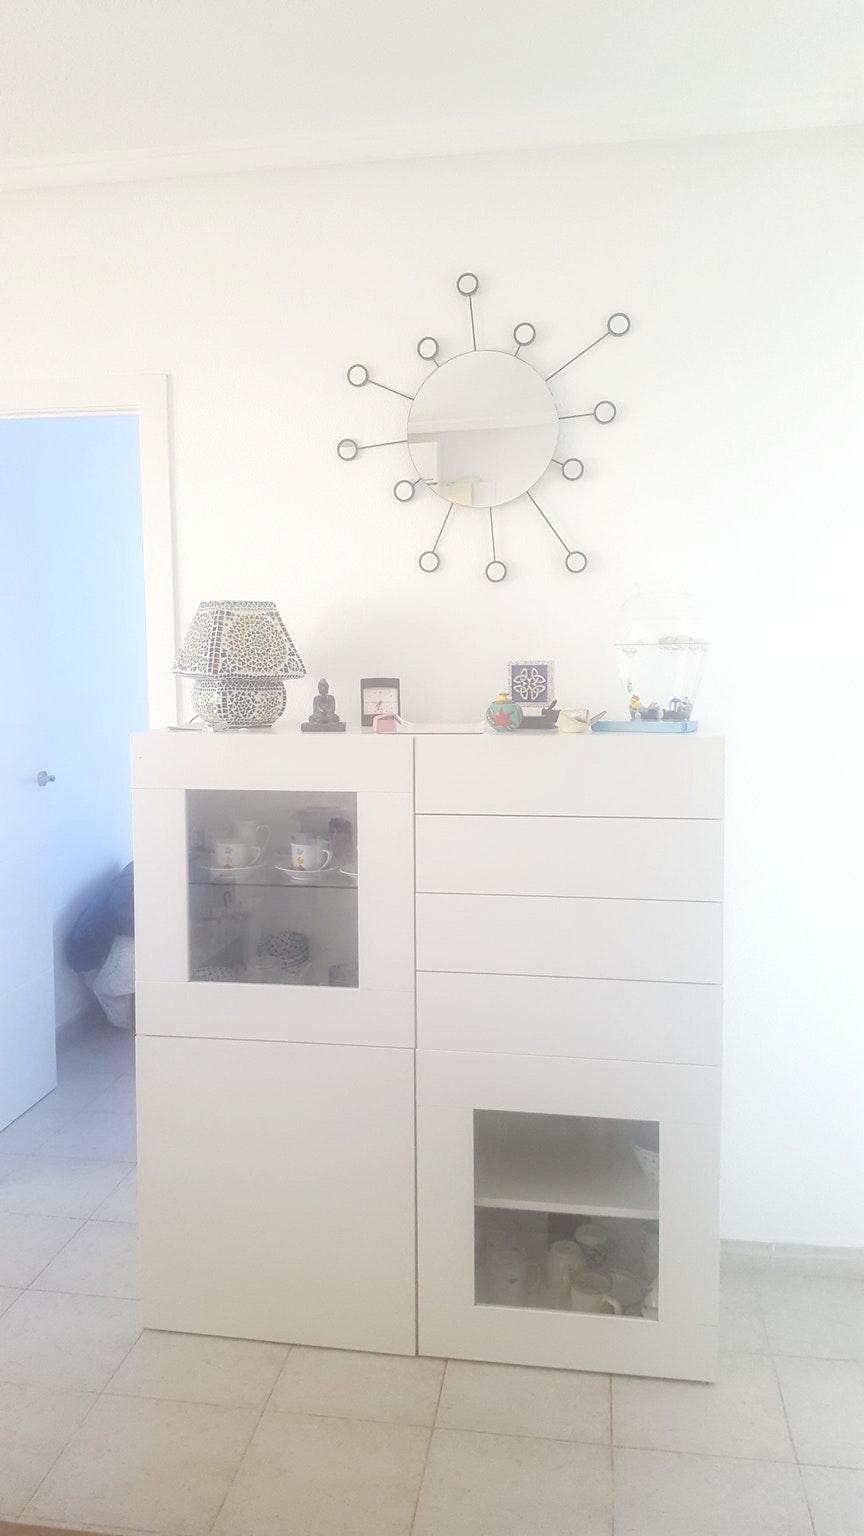 Ferienhaus Sonniges Haus mit 2 Schlafzimmern, WLAN, Swimmingpool und Solarium nahe Torrevieja - 1km z (2202043), Torrevieja, Costa Blanca, Valencia, Spanien, Bild 12